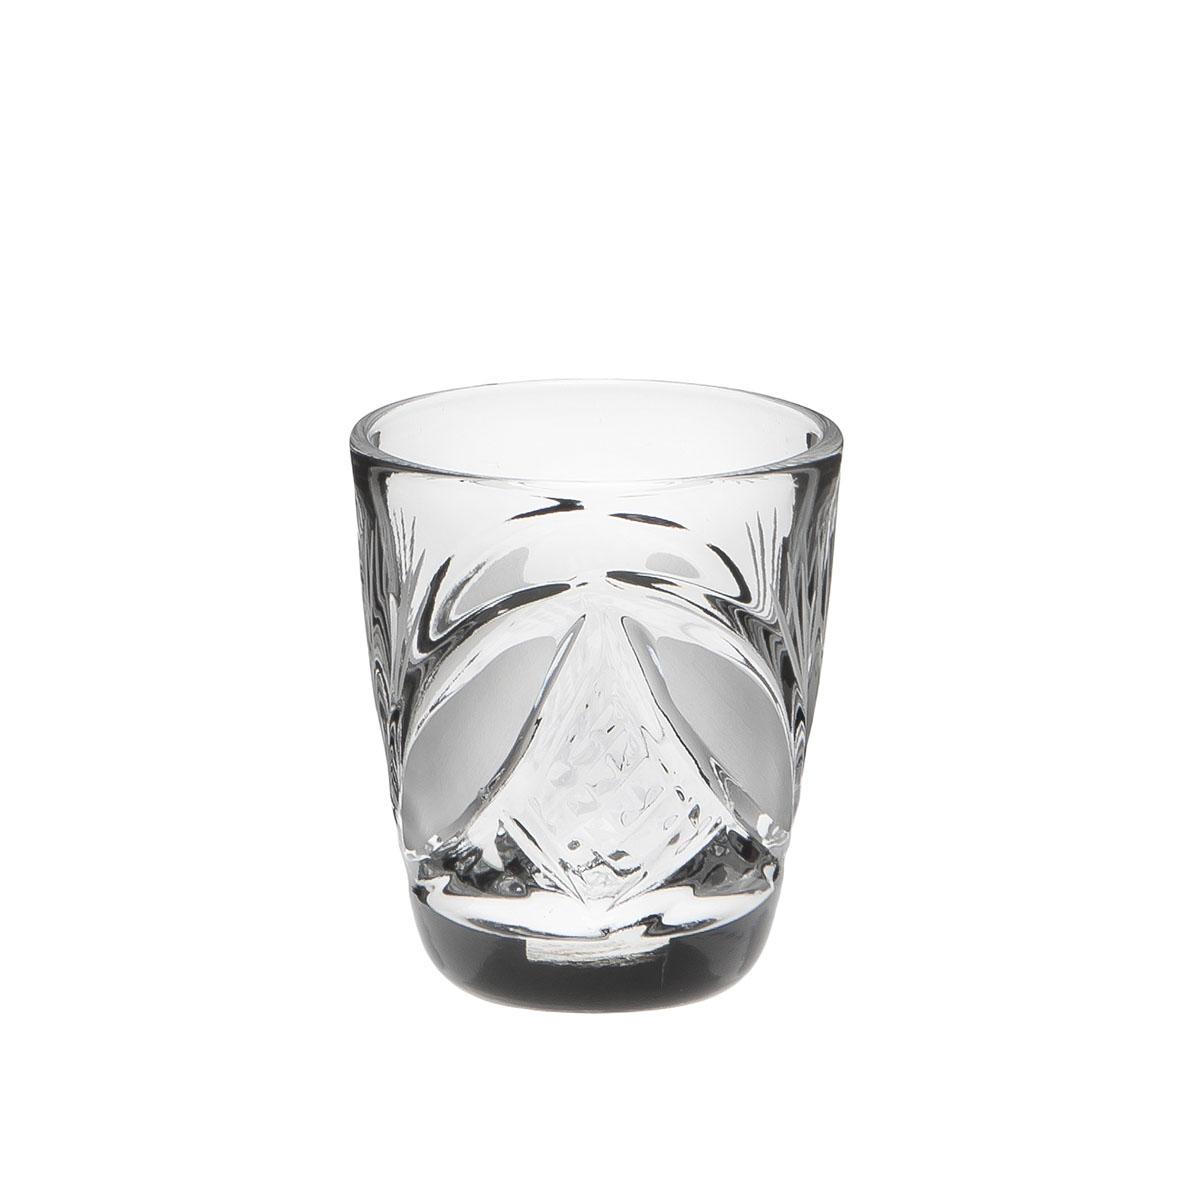 Стакан Дятьковский хрусталь Барыня. Камень, 30 мл. С344/6VT-1520(SR)Хрустальные стаканы – красивое и простое решение для украшения праздничного стола. Стаканы из хрусталя универсальны, они подойдут и для алкогольных напитков – вина, шампанского, и для освежающих – минеральной воды, компота или сока. Если в вашей домашней коллекции еще нет предметов хрустальной посуды, купить хрустальные стаканы стоит обязательно.